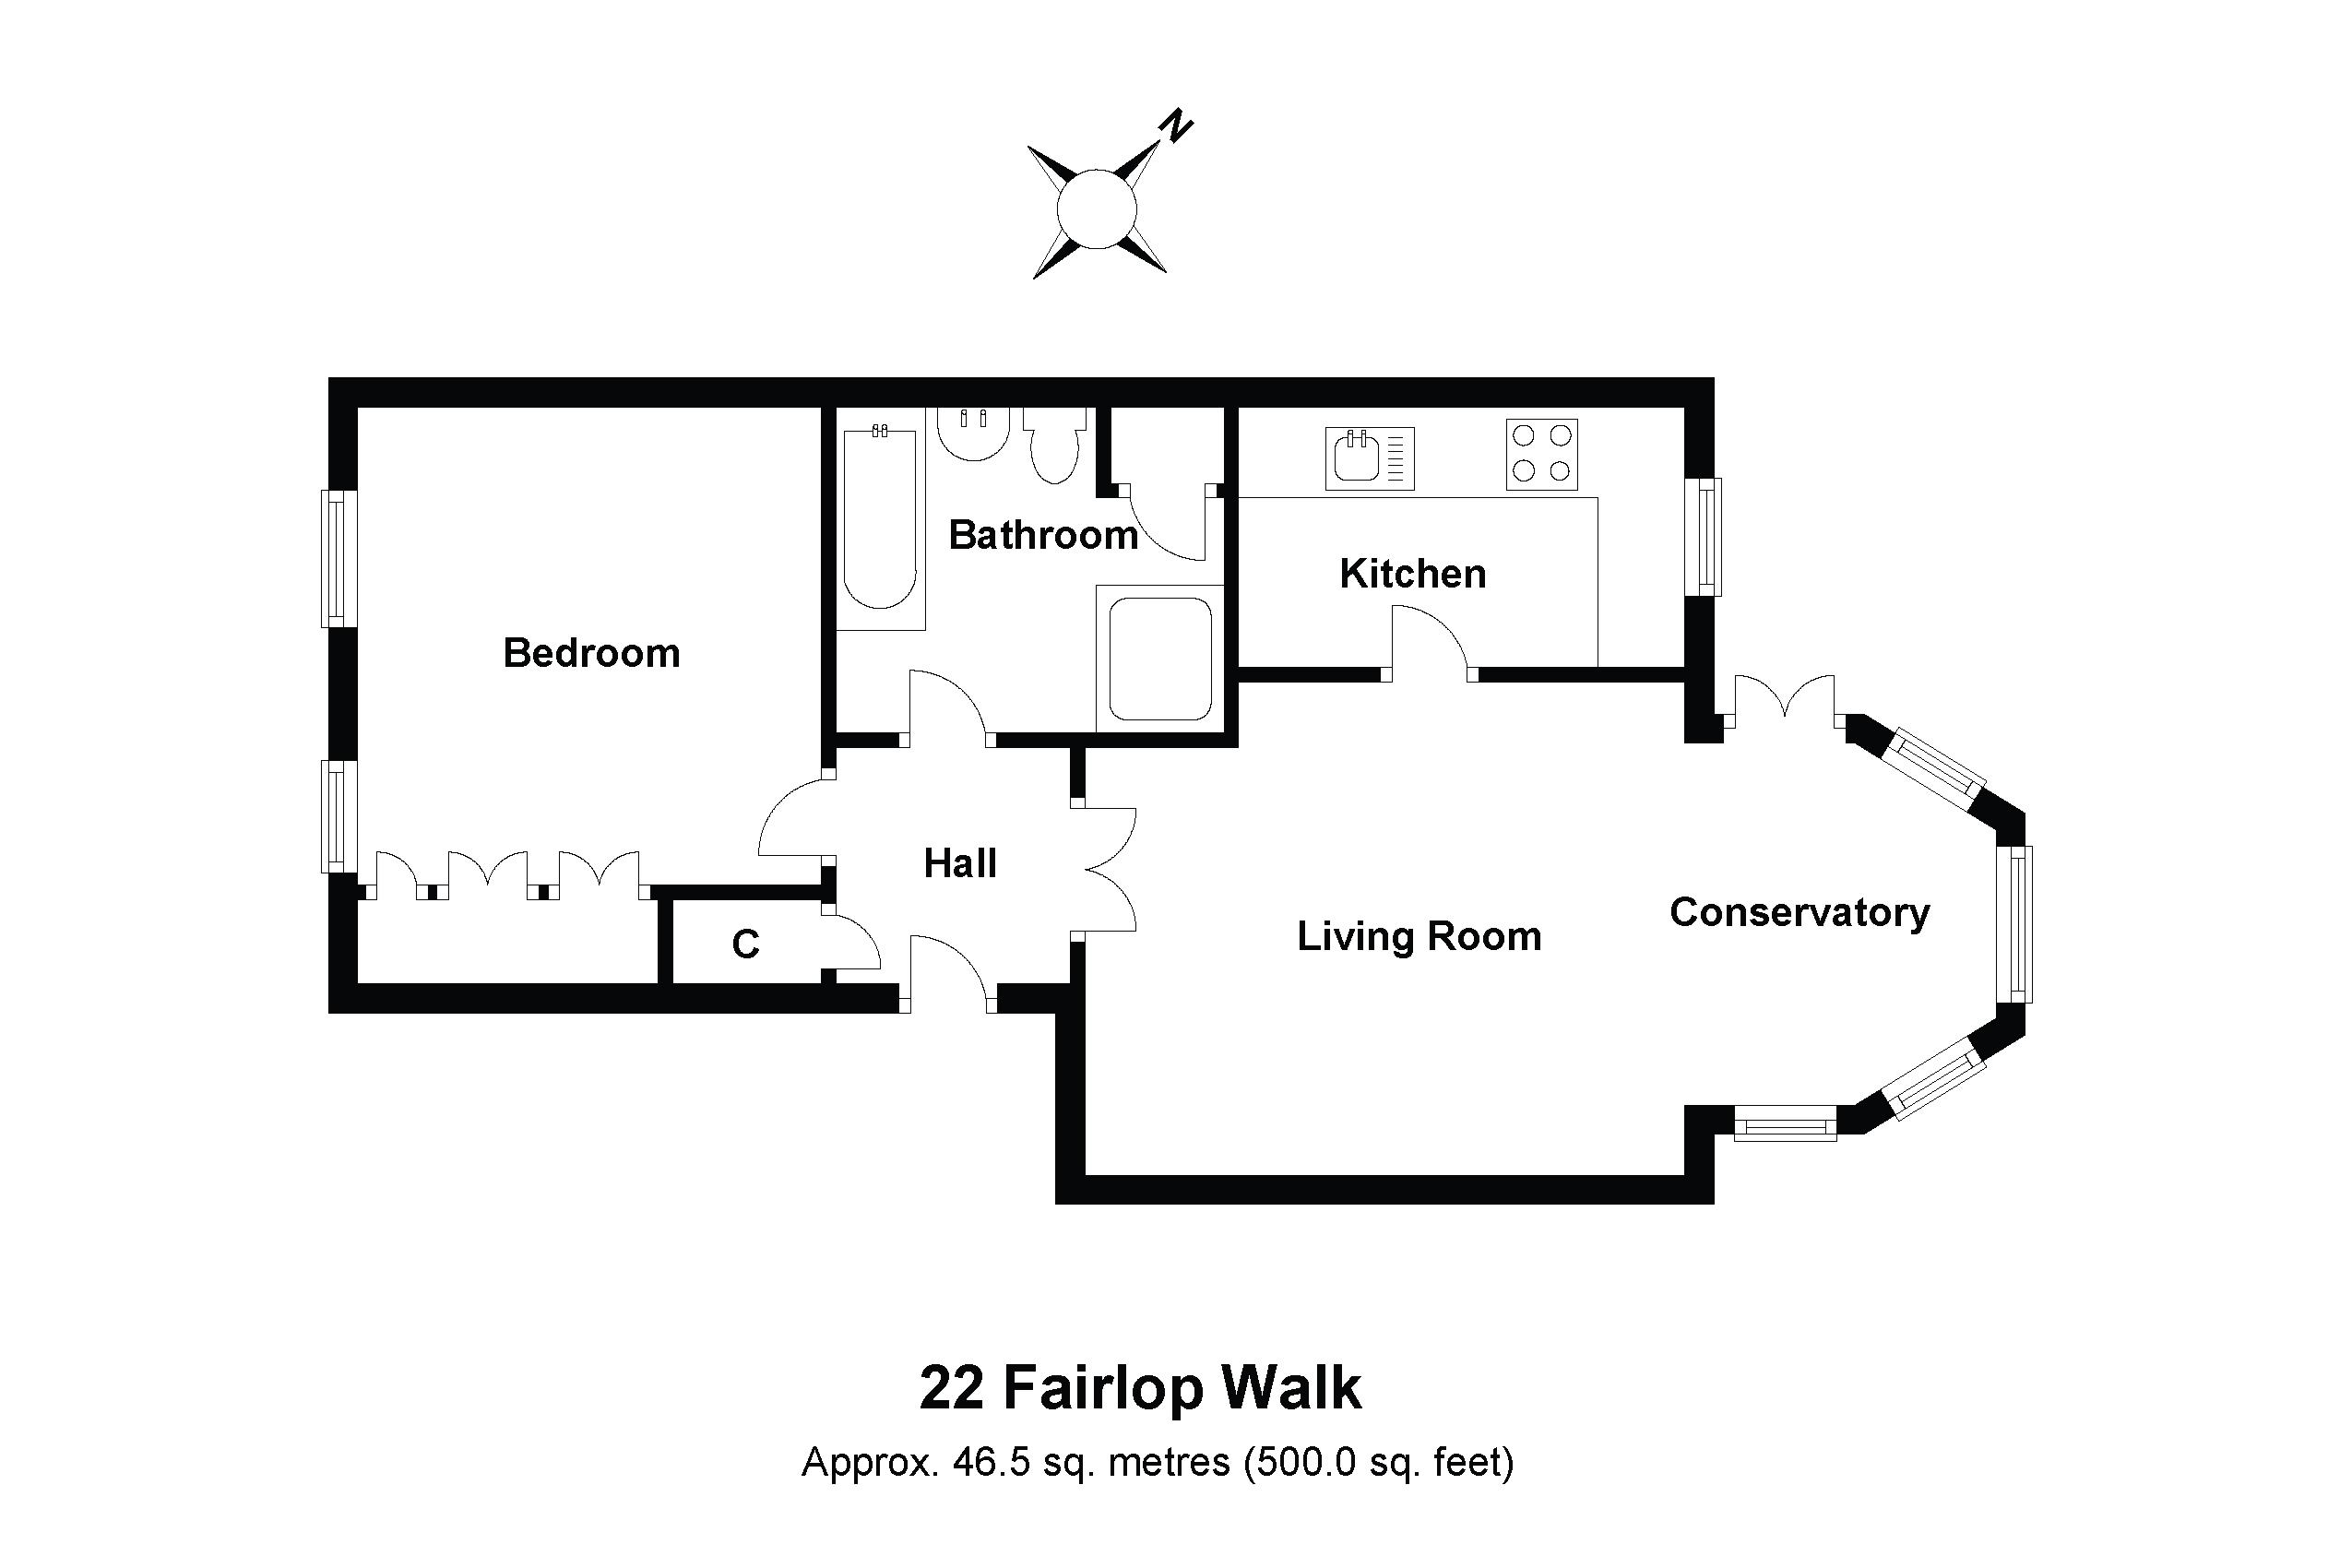 22 Fairlop Walk Floorplan